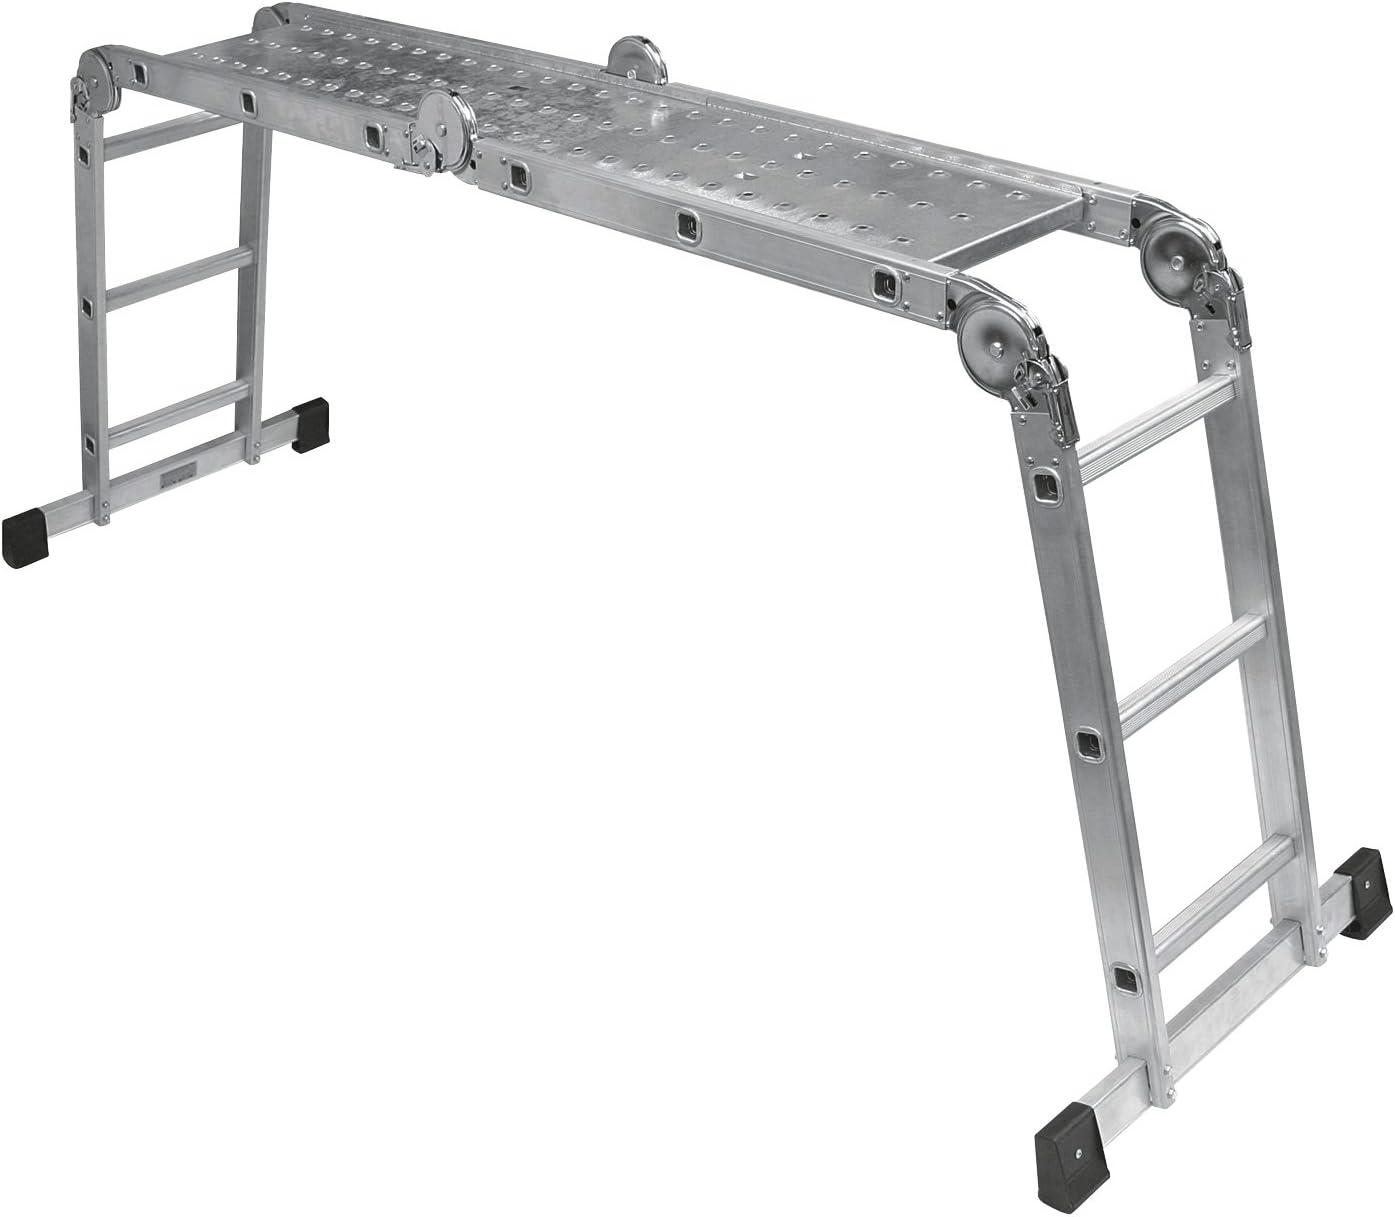 Cogex 62876 - Escalera multiposición (aluminio): Amazon.es: Bricolaje y herramientas